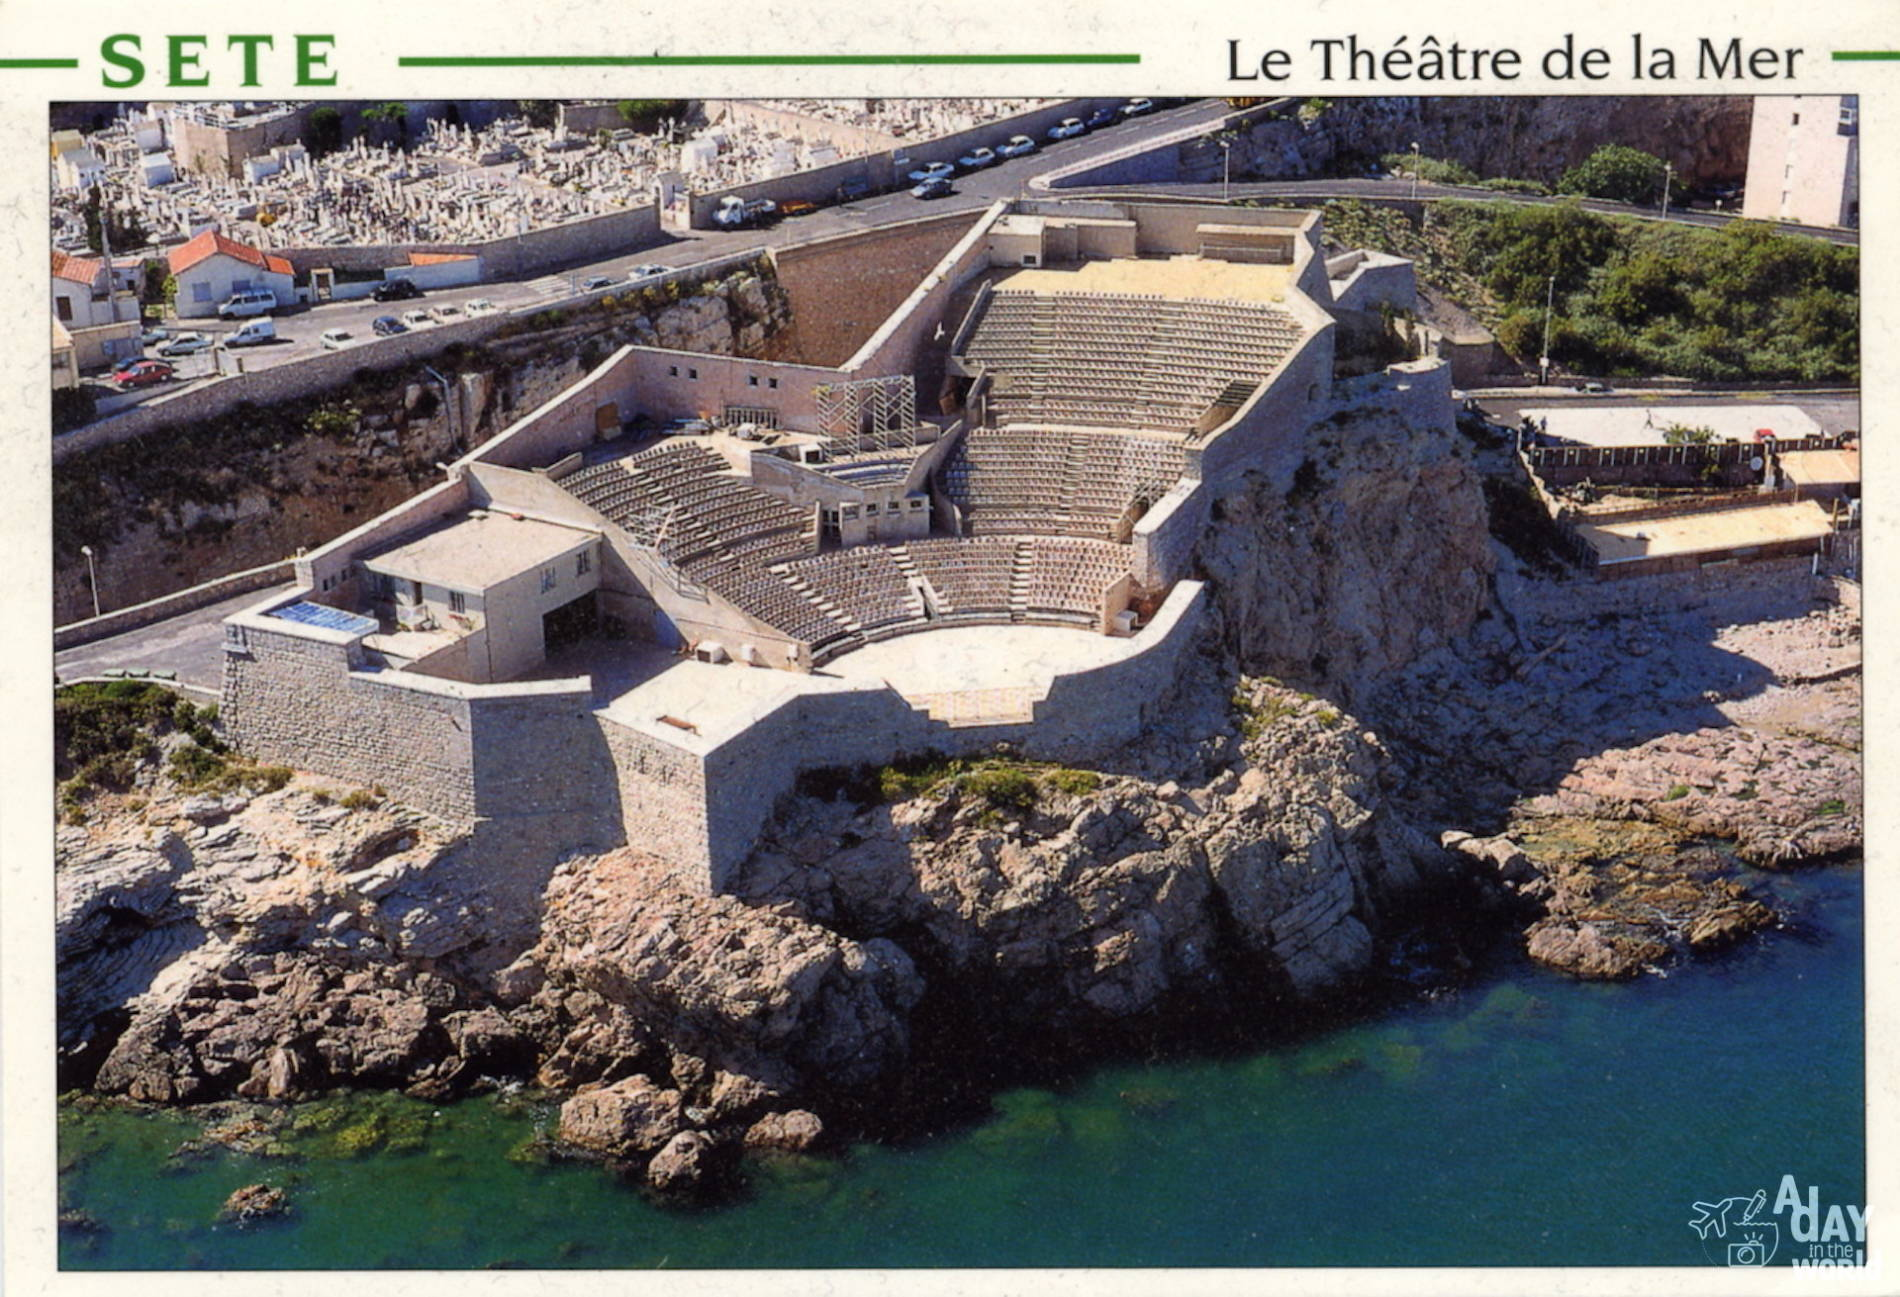 theatre de la mer sete drone